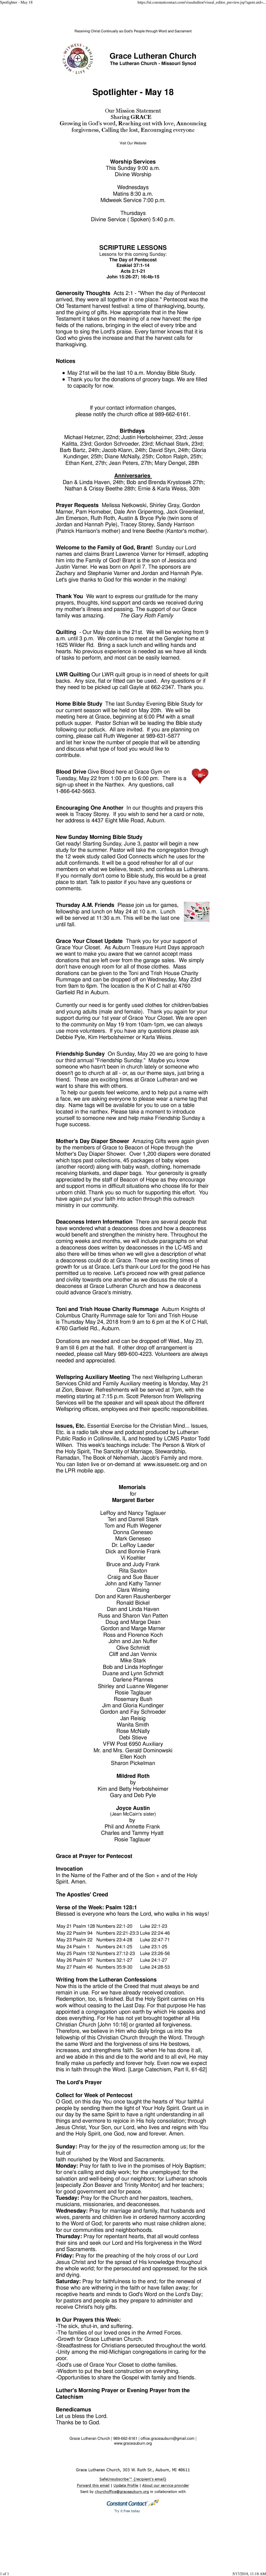 Spotlighter - May 18-page-001.jpg